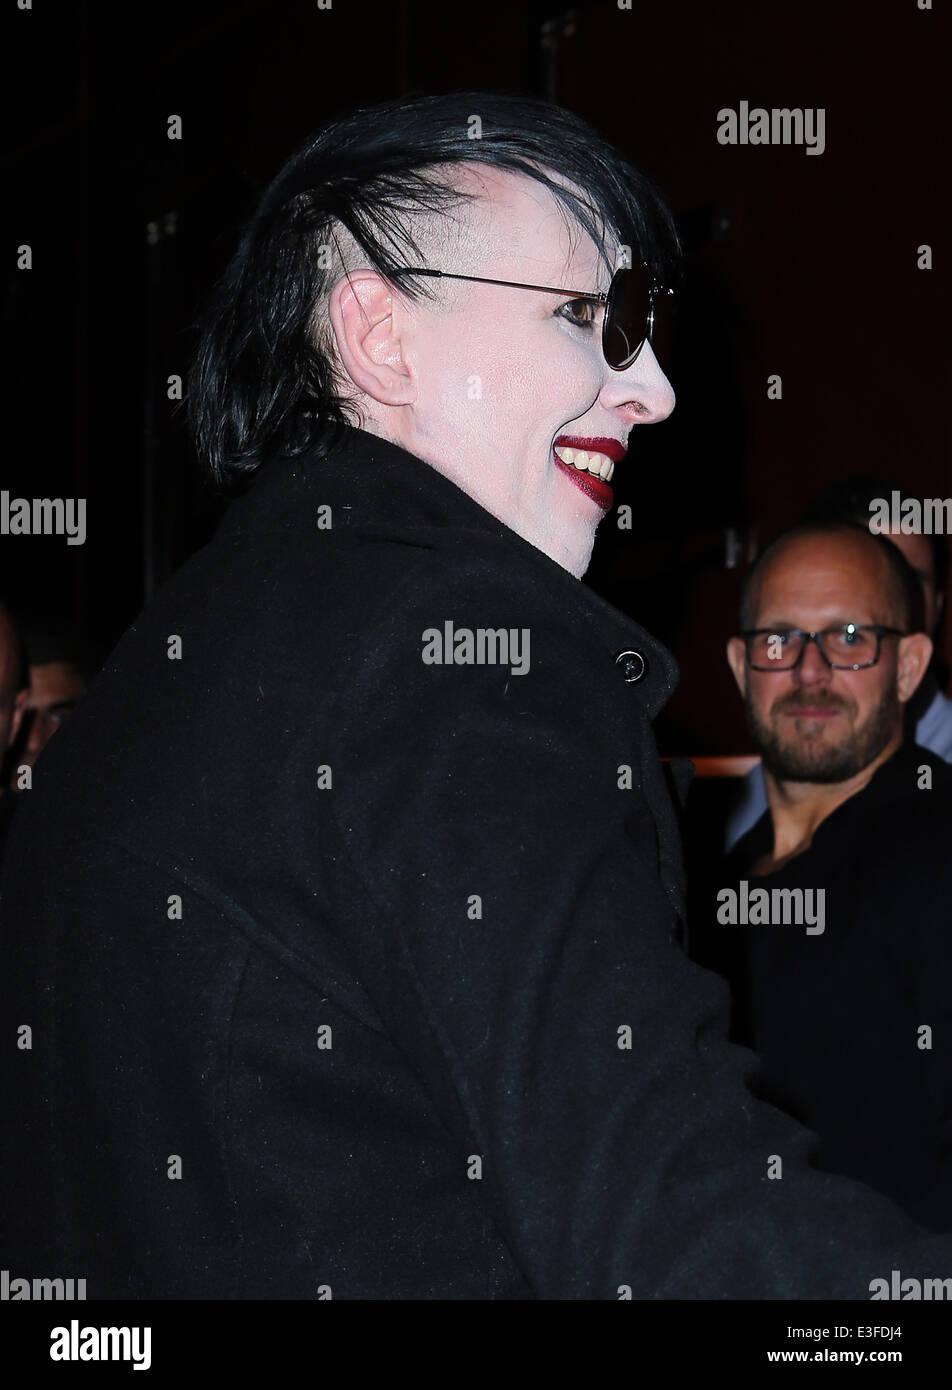 Marilyn Manson Hosts Halloween Horror Bash at Hyde Bellagio in Las ...